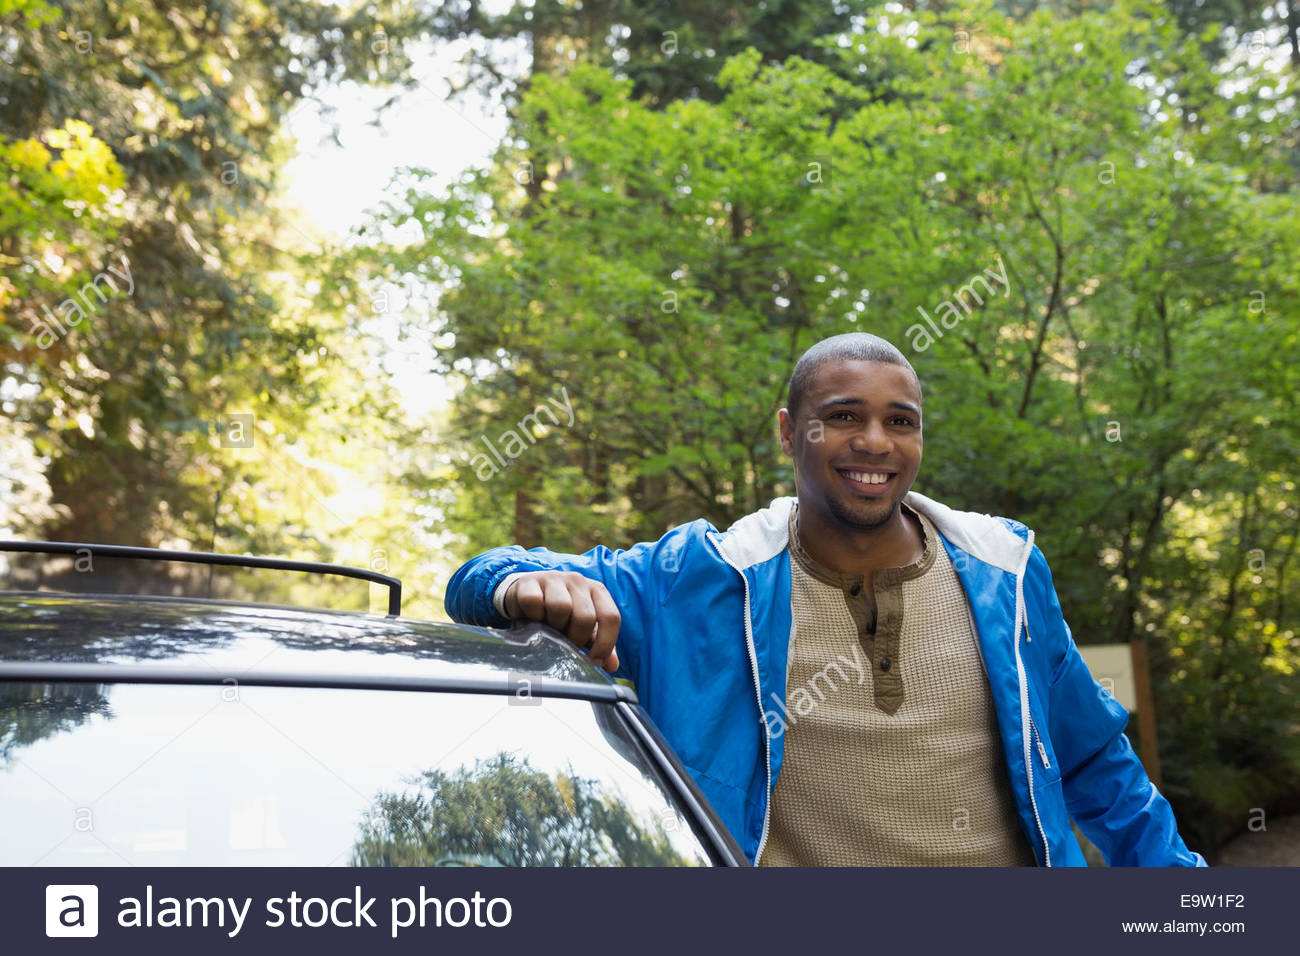 Hombre sonriente apoyado contra el coche en maderas Imagen De Stock